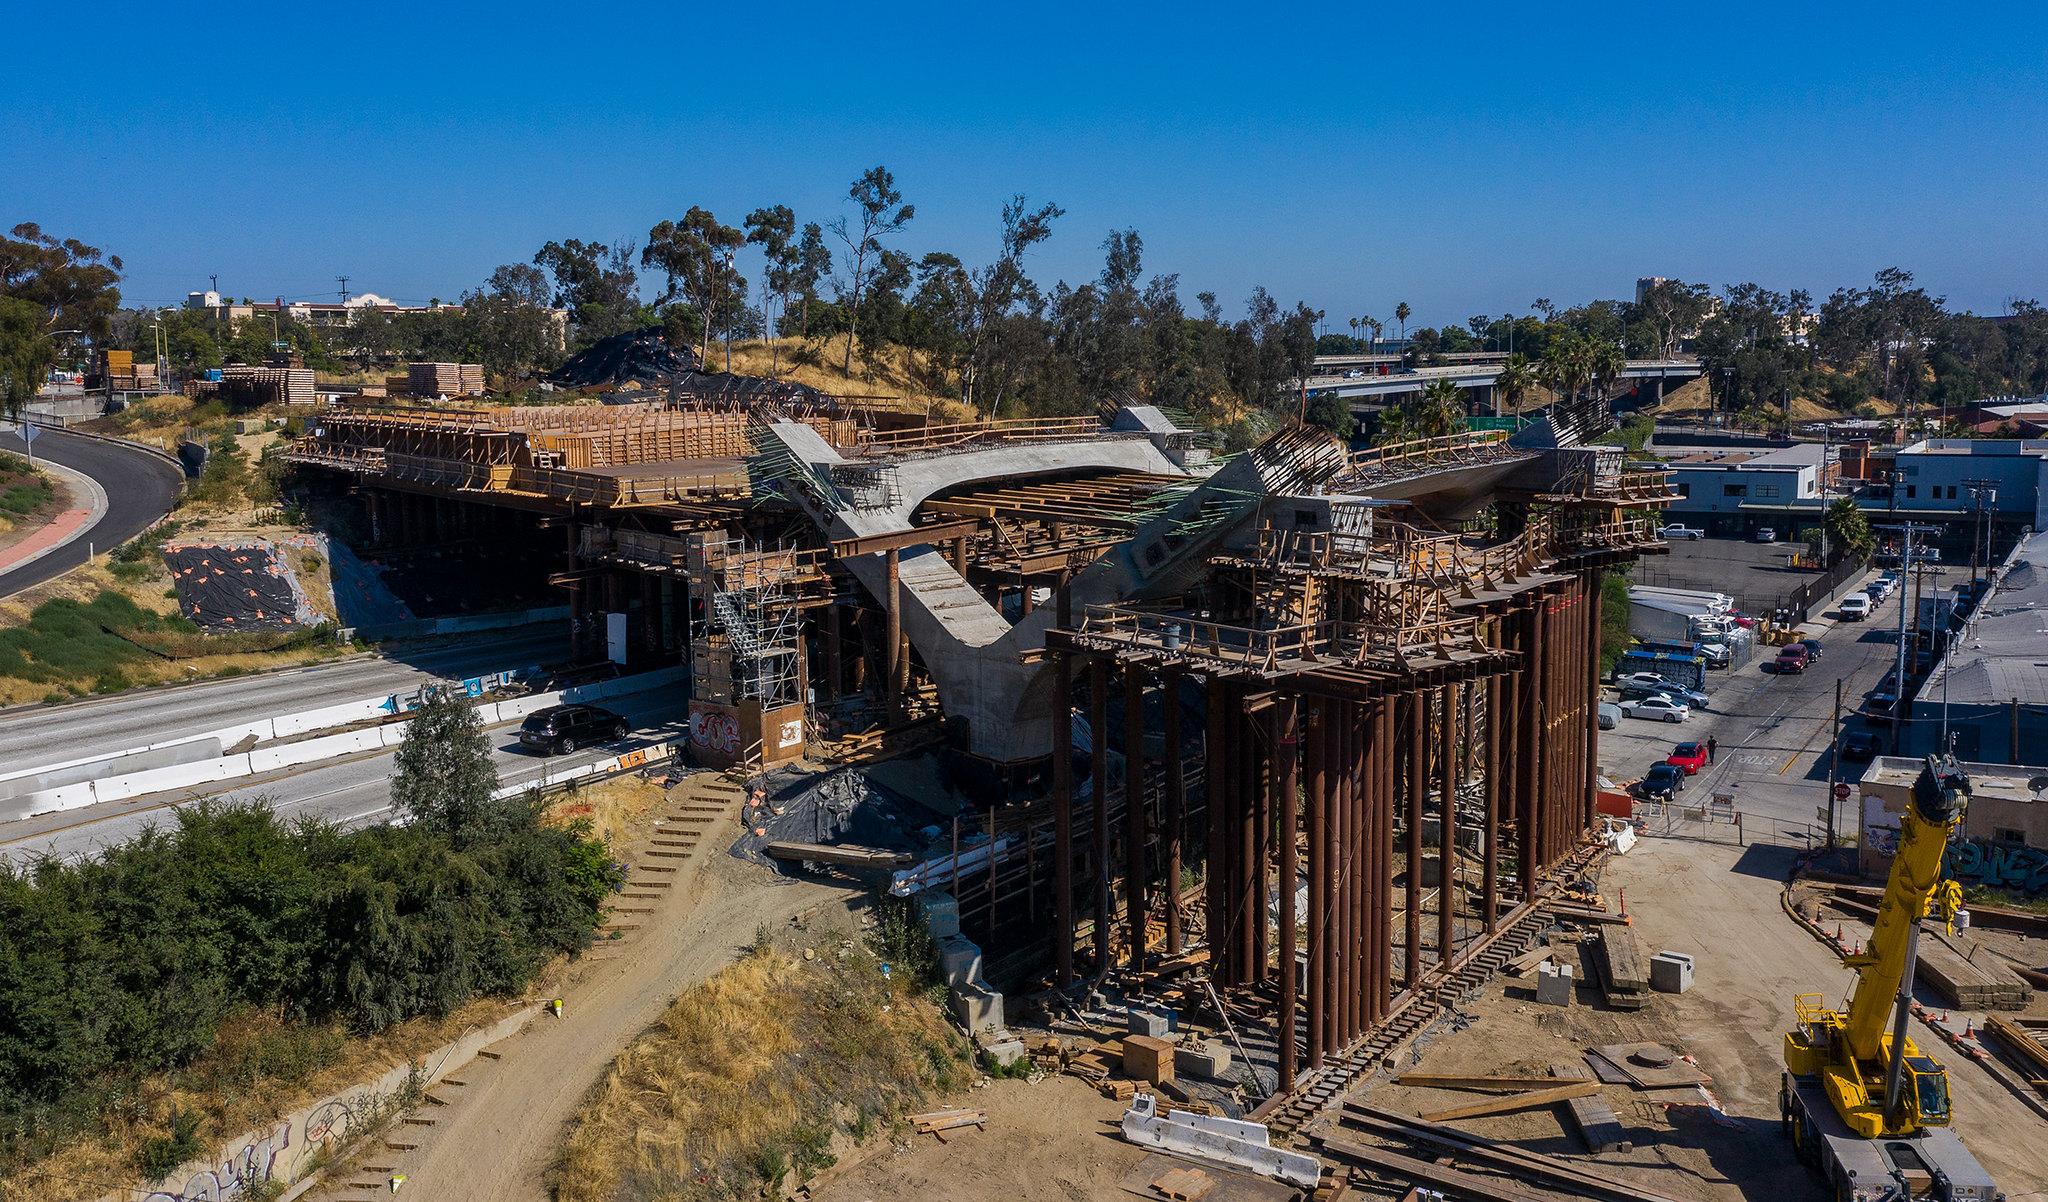 Los Angeles Construction News - Curbed LA